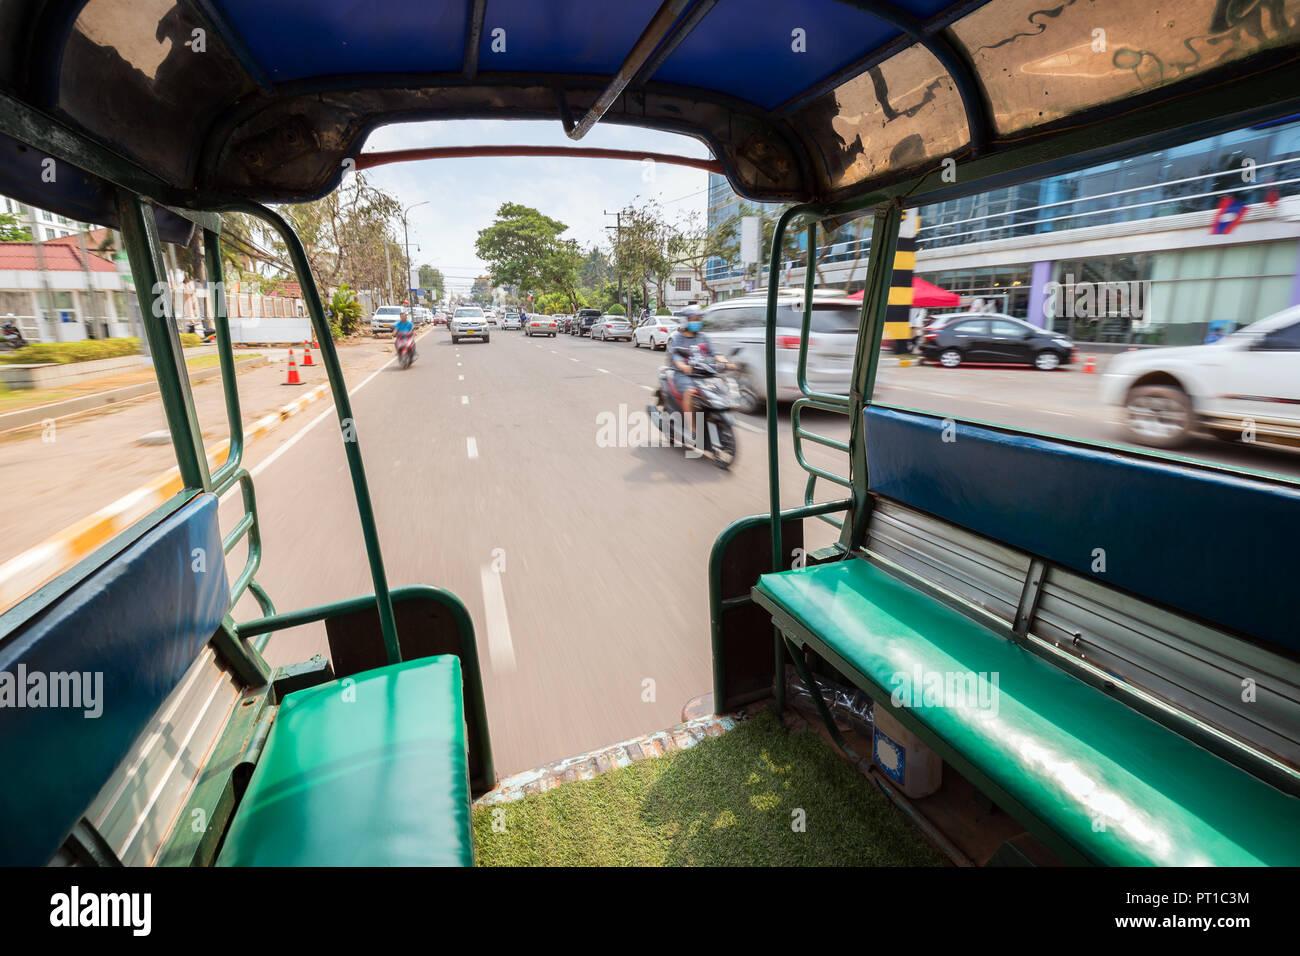 Vista del traffico su una strada dal retro di un songthaew (pick-up o piccolo camion con panchine lungo i lati) in Vientiane, Laos, in una giornata di sole. Immagini Stock